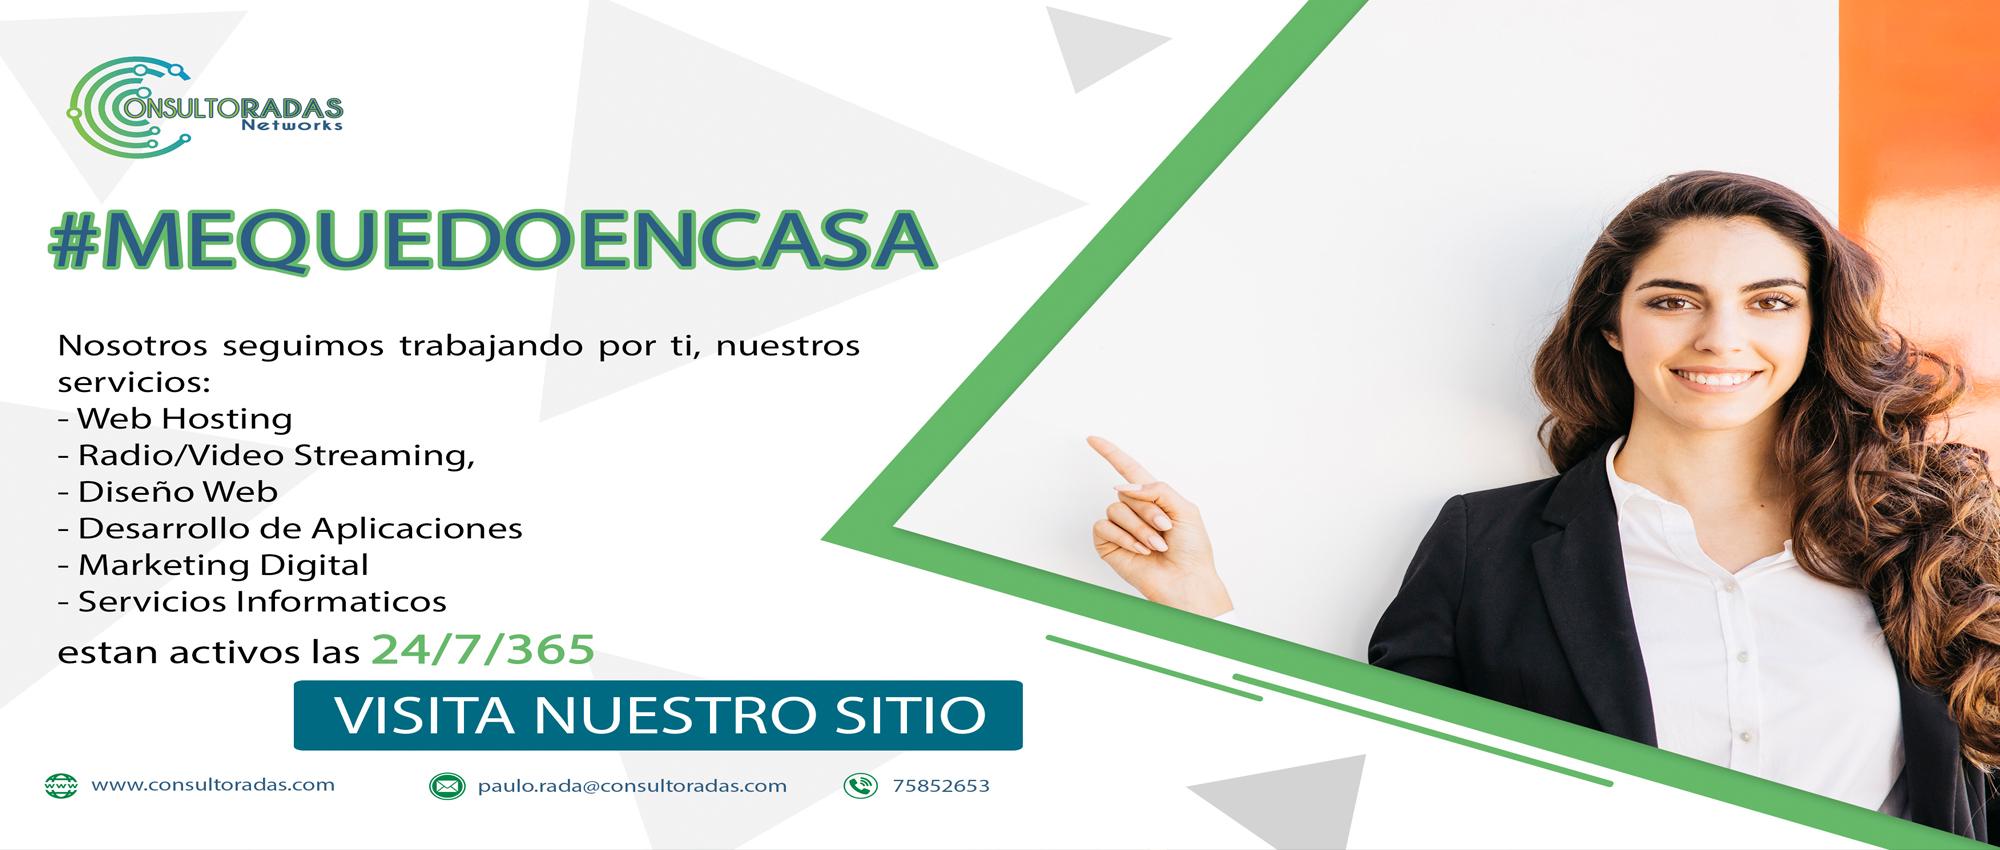 newmequedoencasa